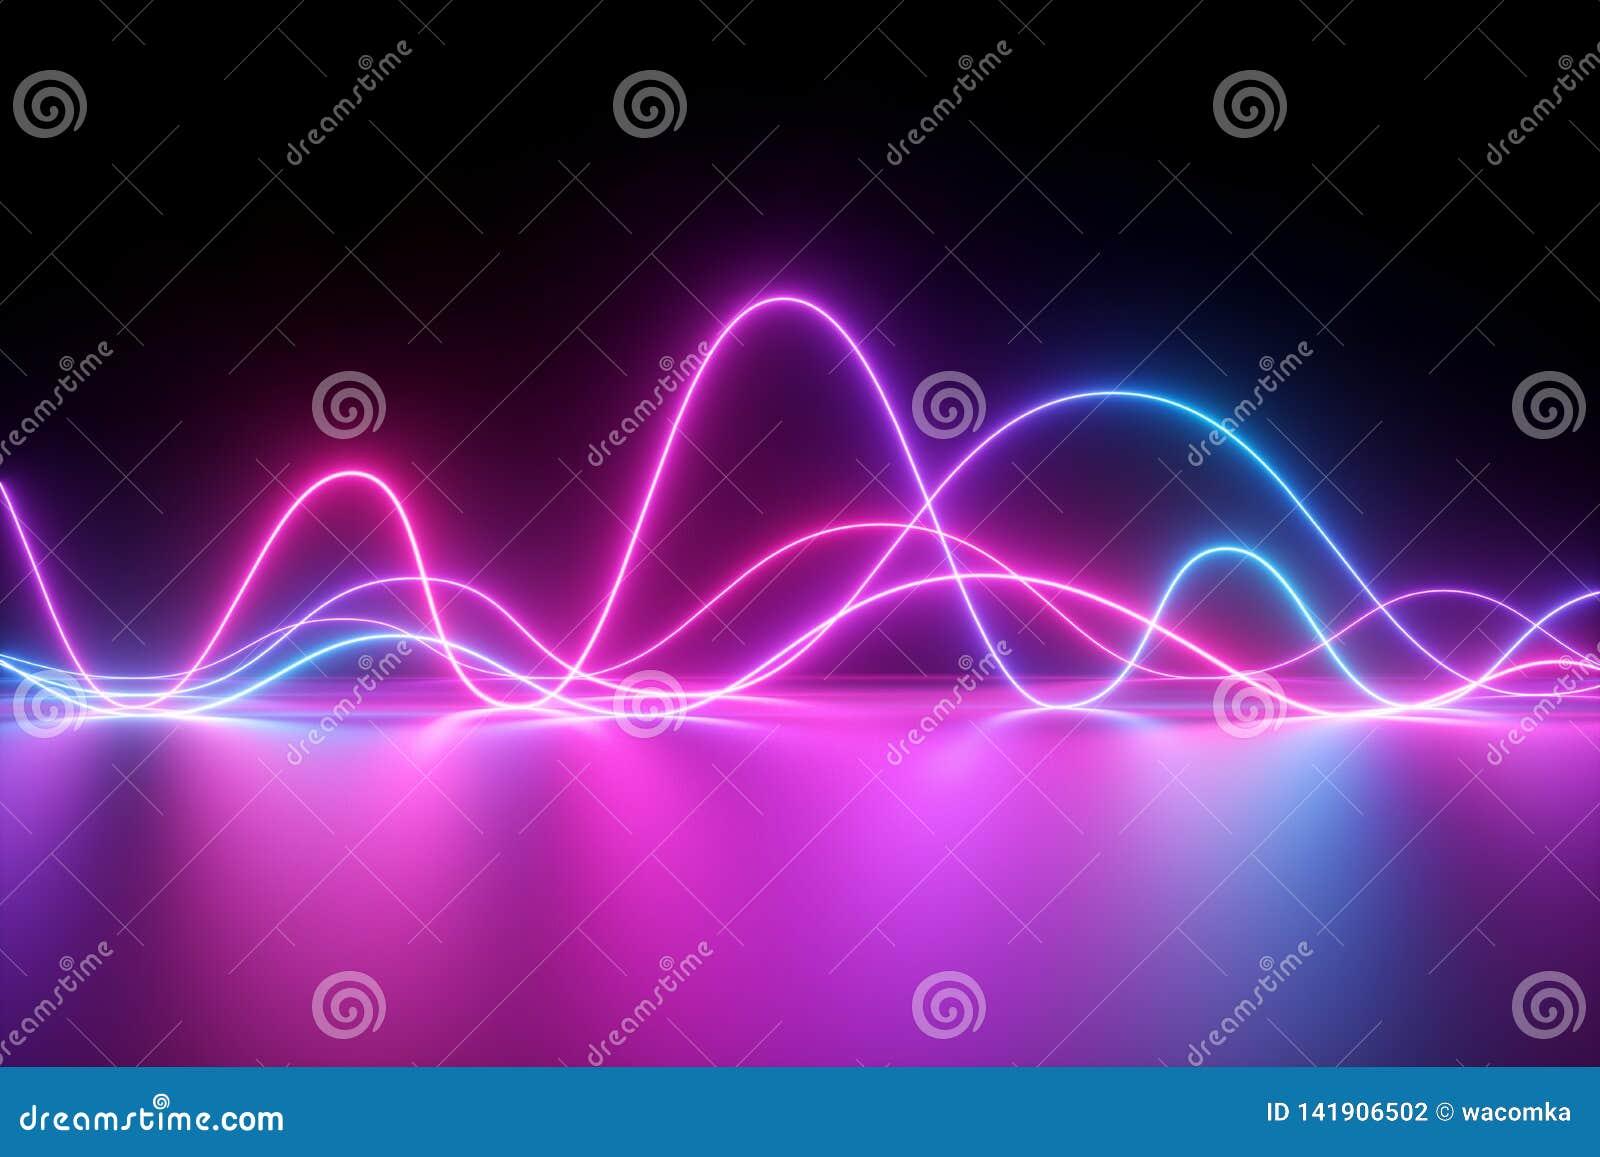 3d rinden, fondo abstracto, luz de neón, líneas eléctricas del pulso, demostración del laser, impulso, carta, líneas ultravioleta